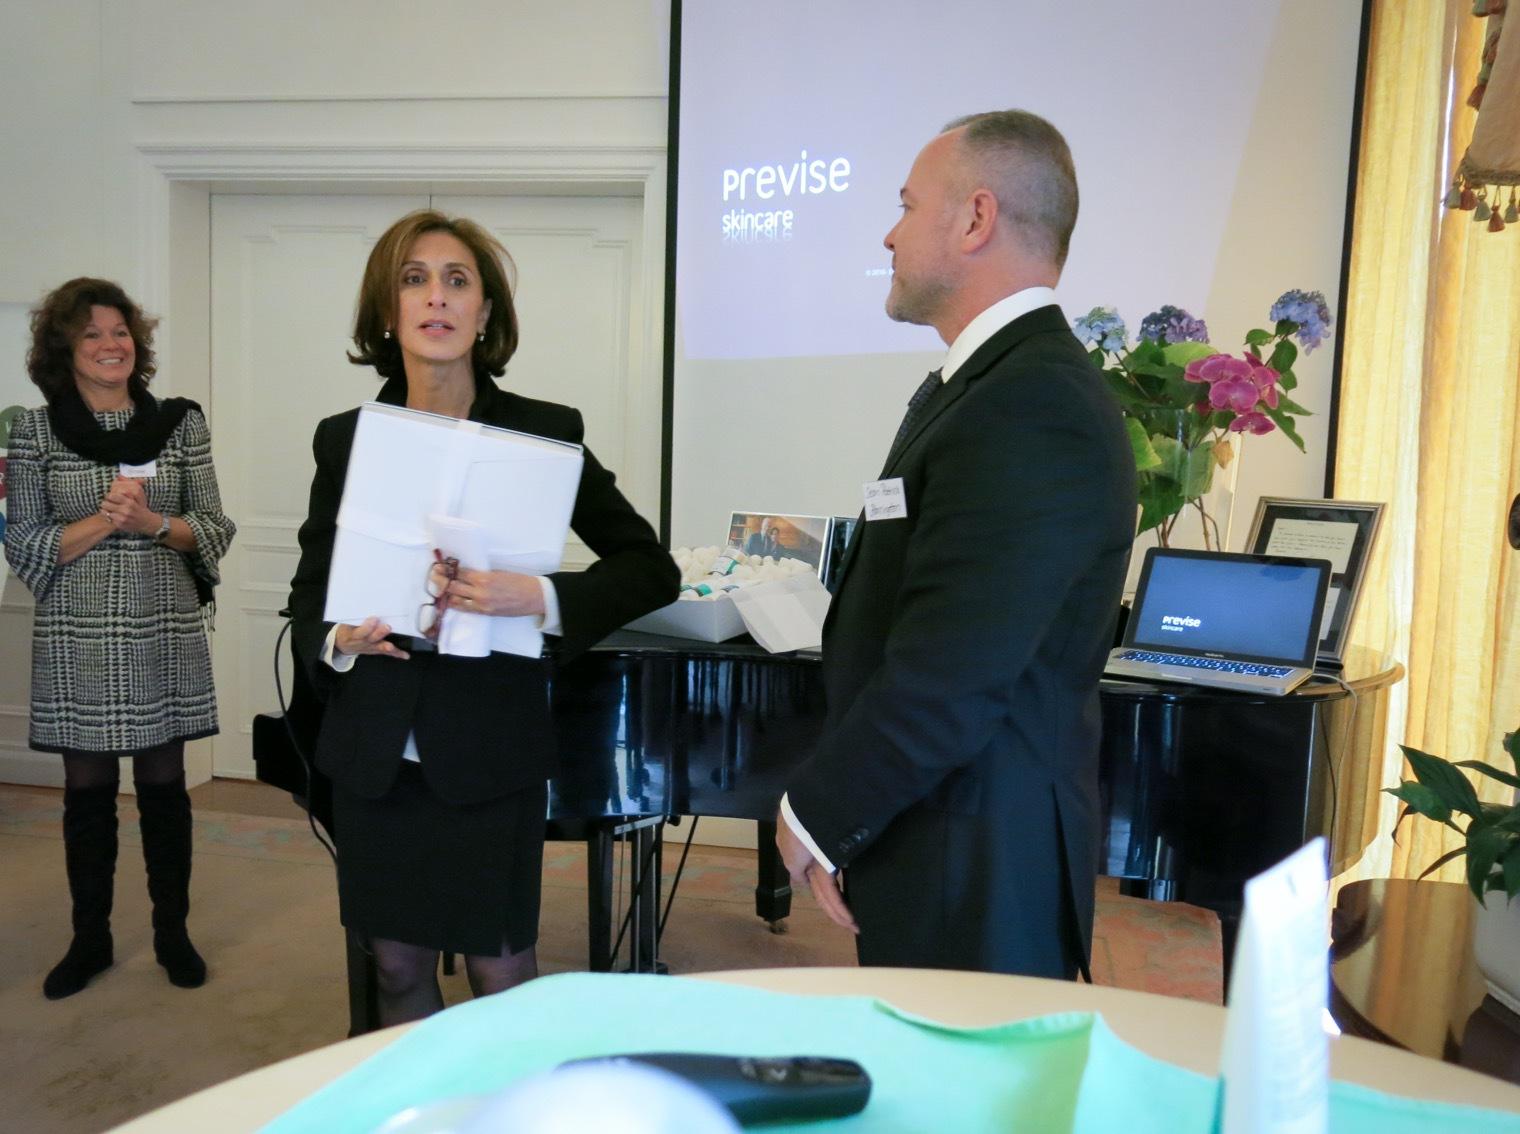 Azita Raji, usas första kvinnliga ambassadör i Sverige, välkomnade Previse i sitt residens på Djurgården